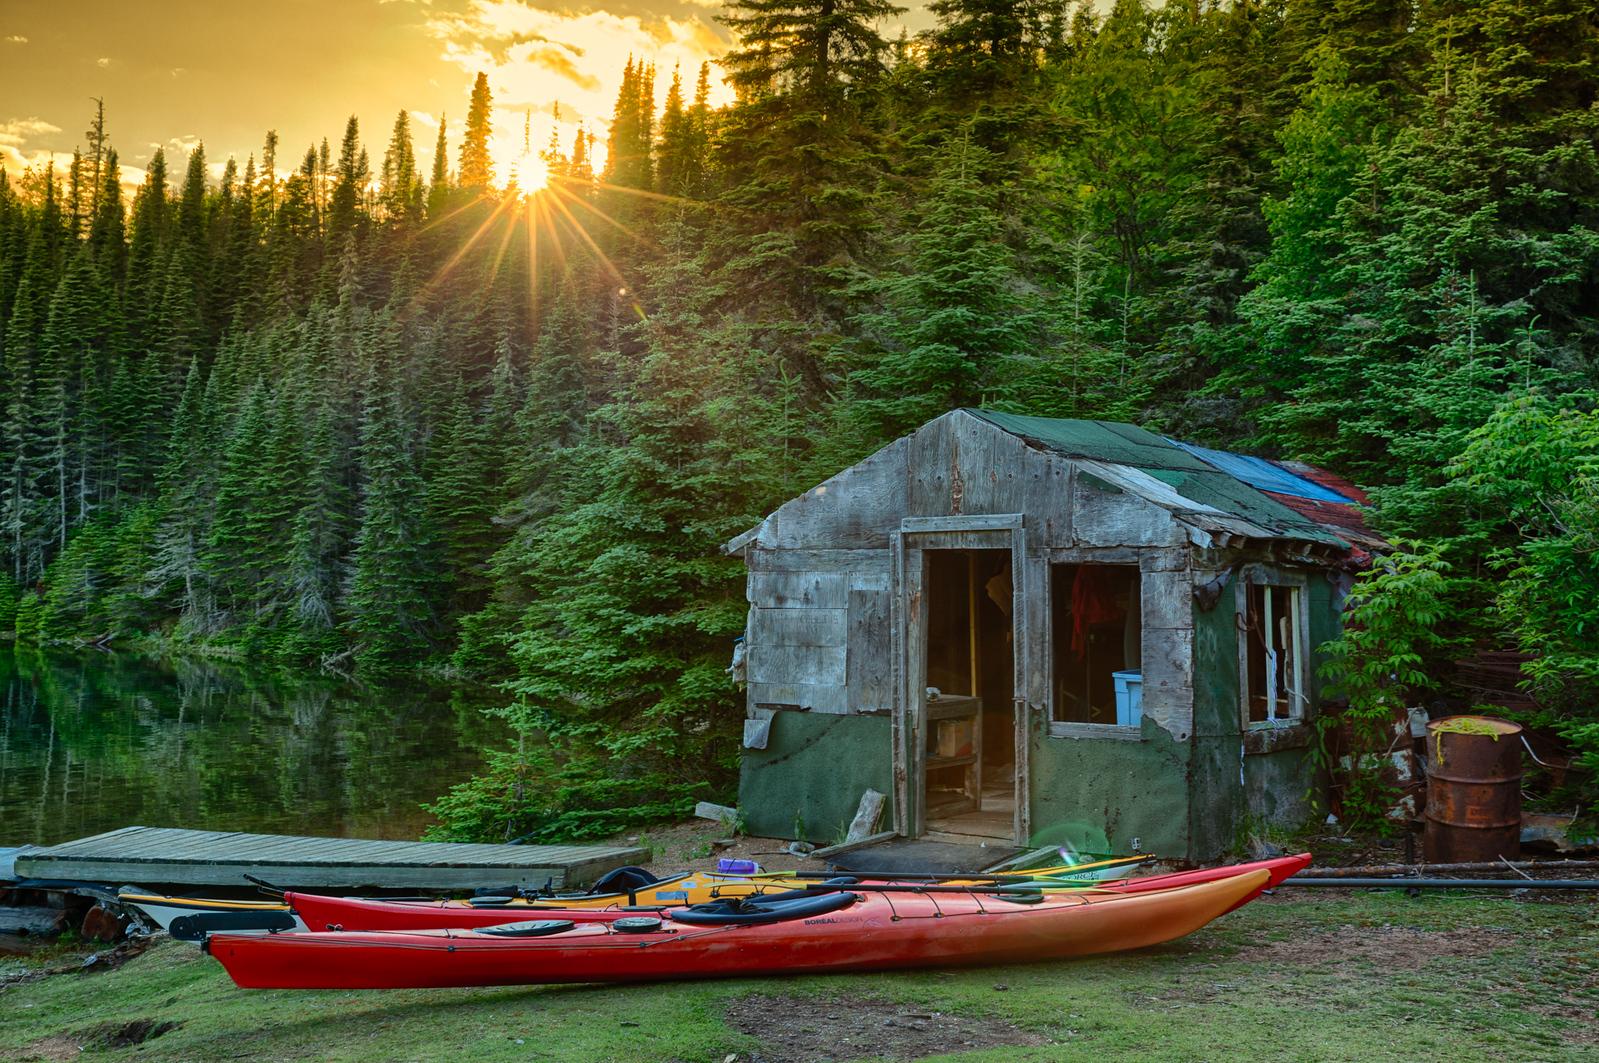 Sunset while Kayaking the Slate Islands on Lake Superior